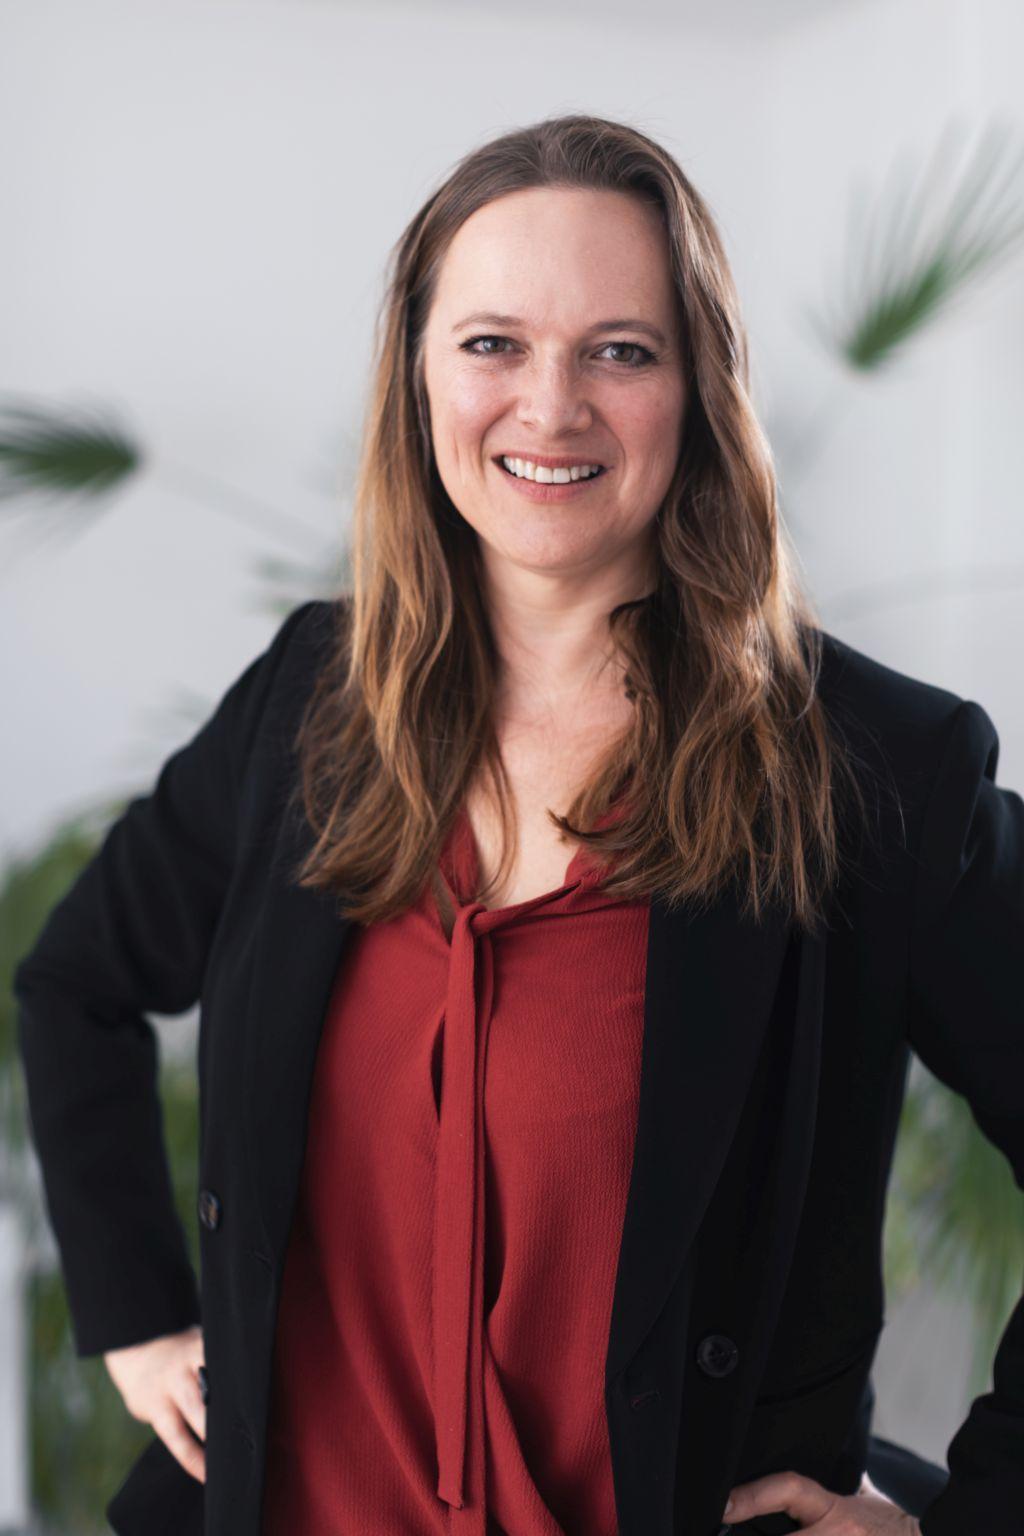 Nicole Schreyer (c) VIER PFOTEN | Adrian Almasan